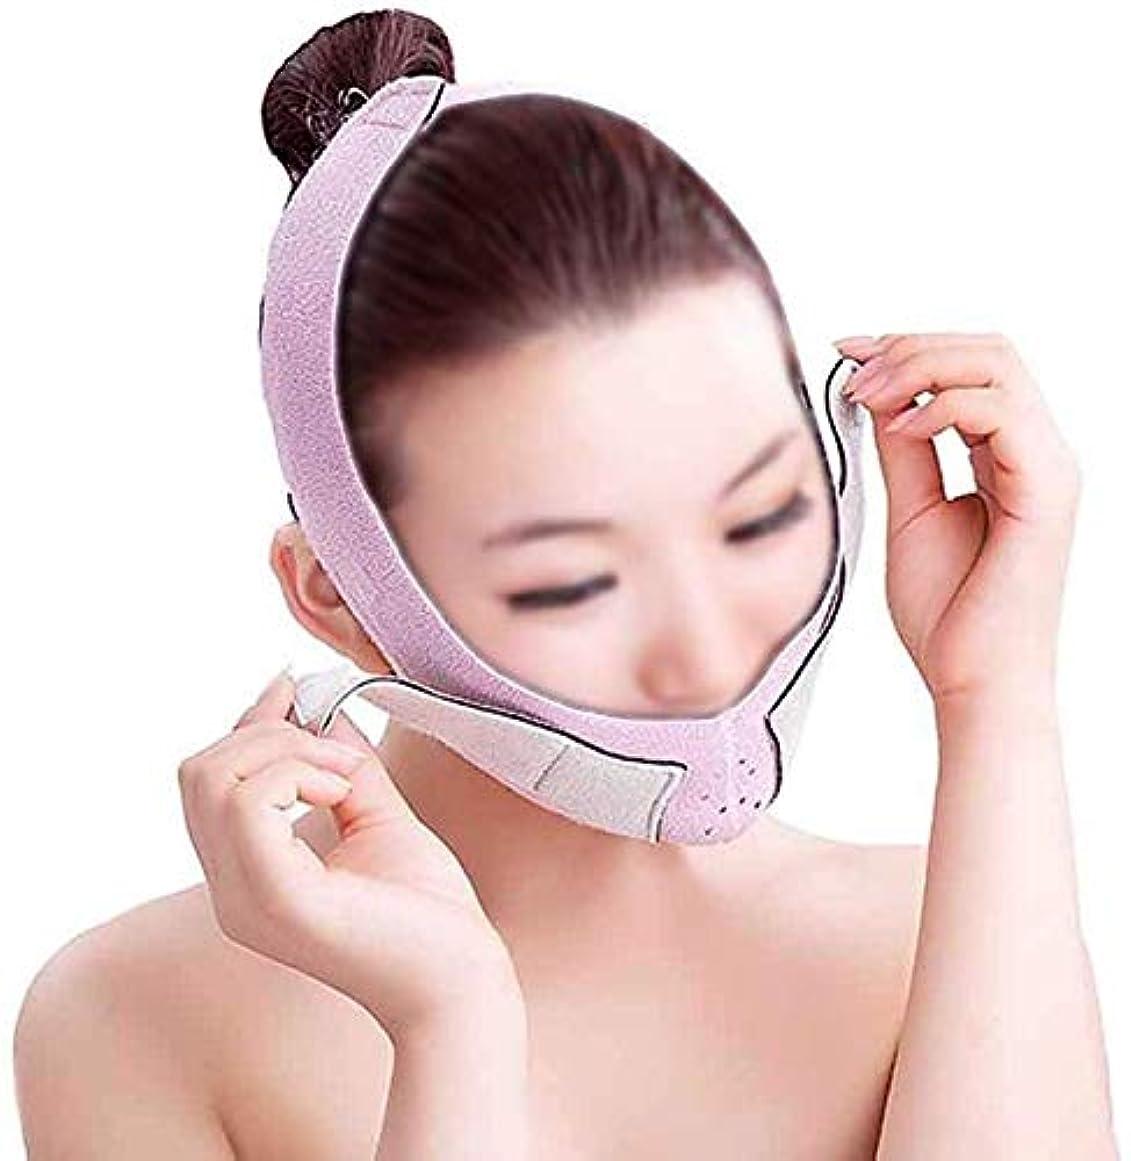 味恥ずかしさ実験をする美容と実用的なSlim身ベルト、フェイシャルマスク3DフェイスリフトファーミングフェイスコレクションベルトパワフルフェイスアーティファクトスモールフェイスバンデージリフティングVフェイスマスク(色:B)